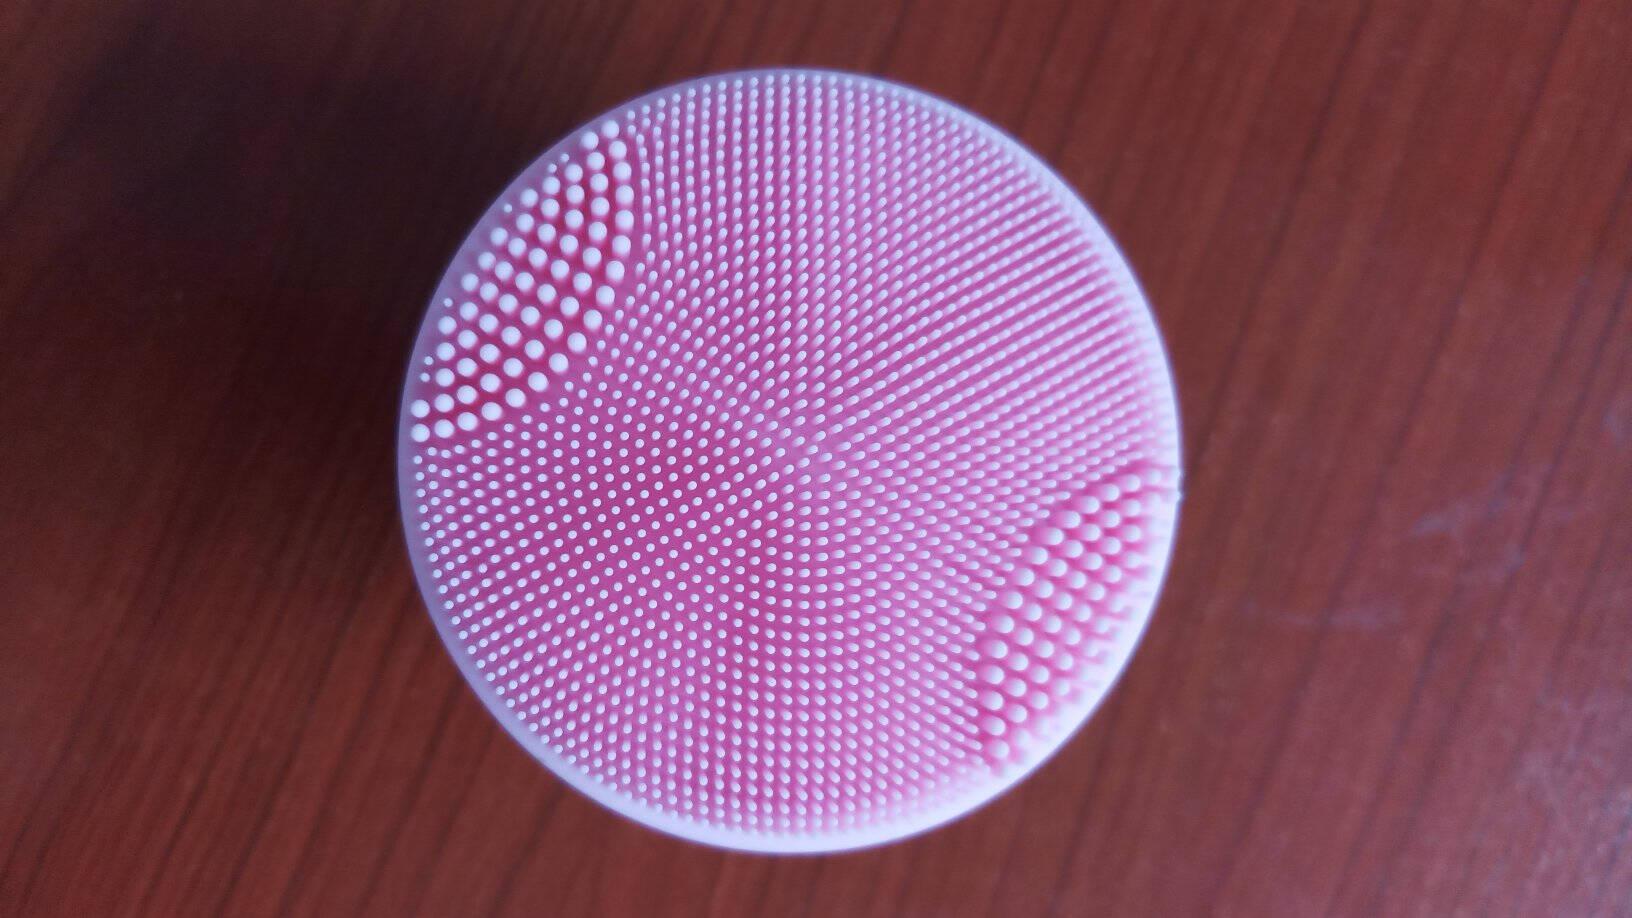 京东京造硅胶声波洁面仪超柔软刷毛洗面仪电动毛孔清洁美容8档位长续航